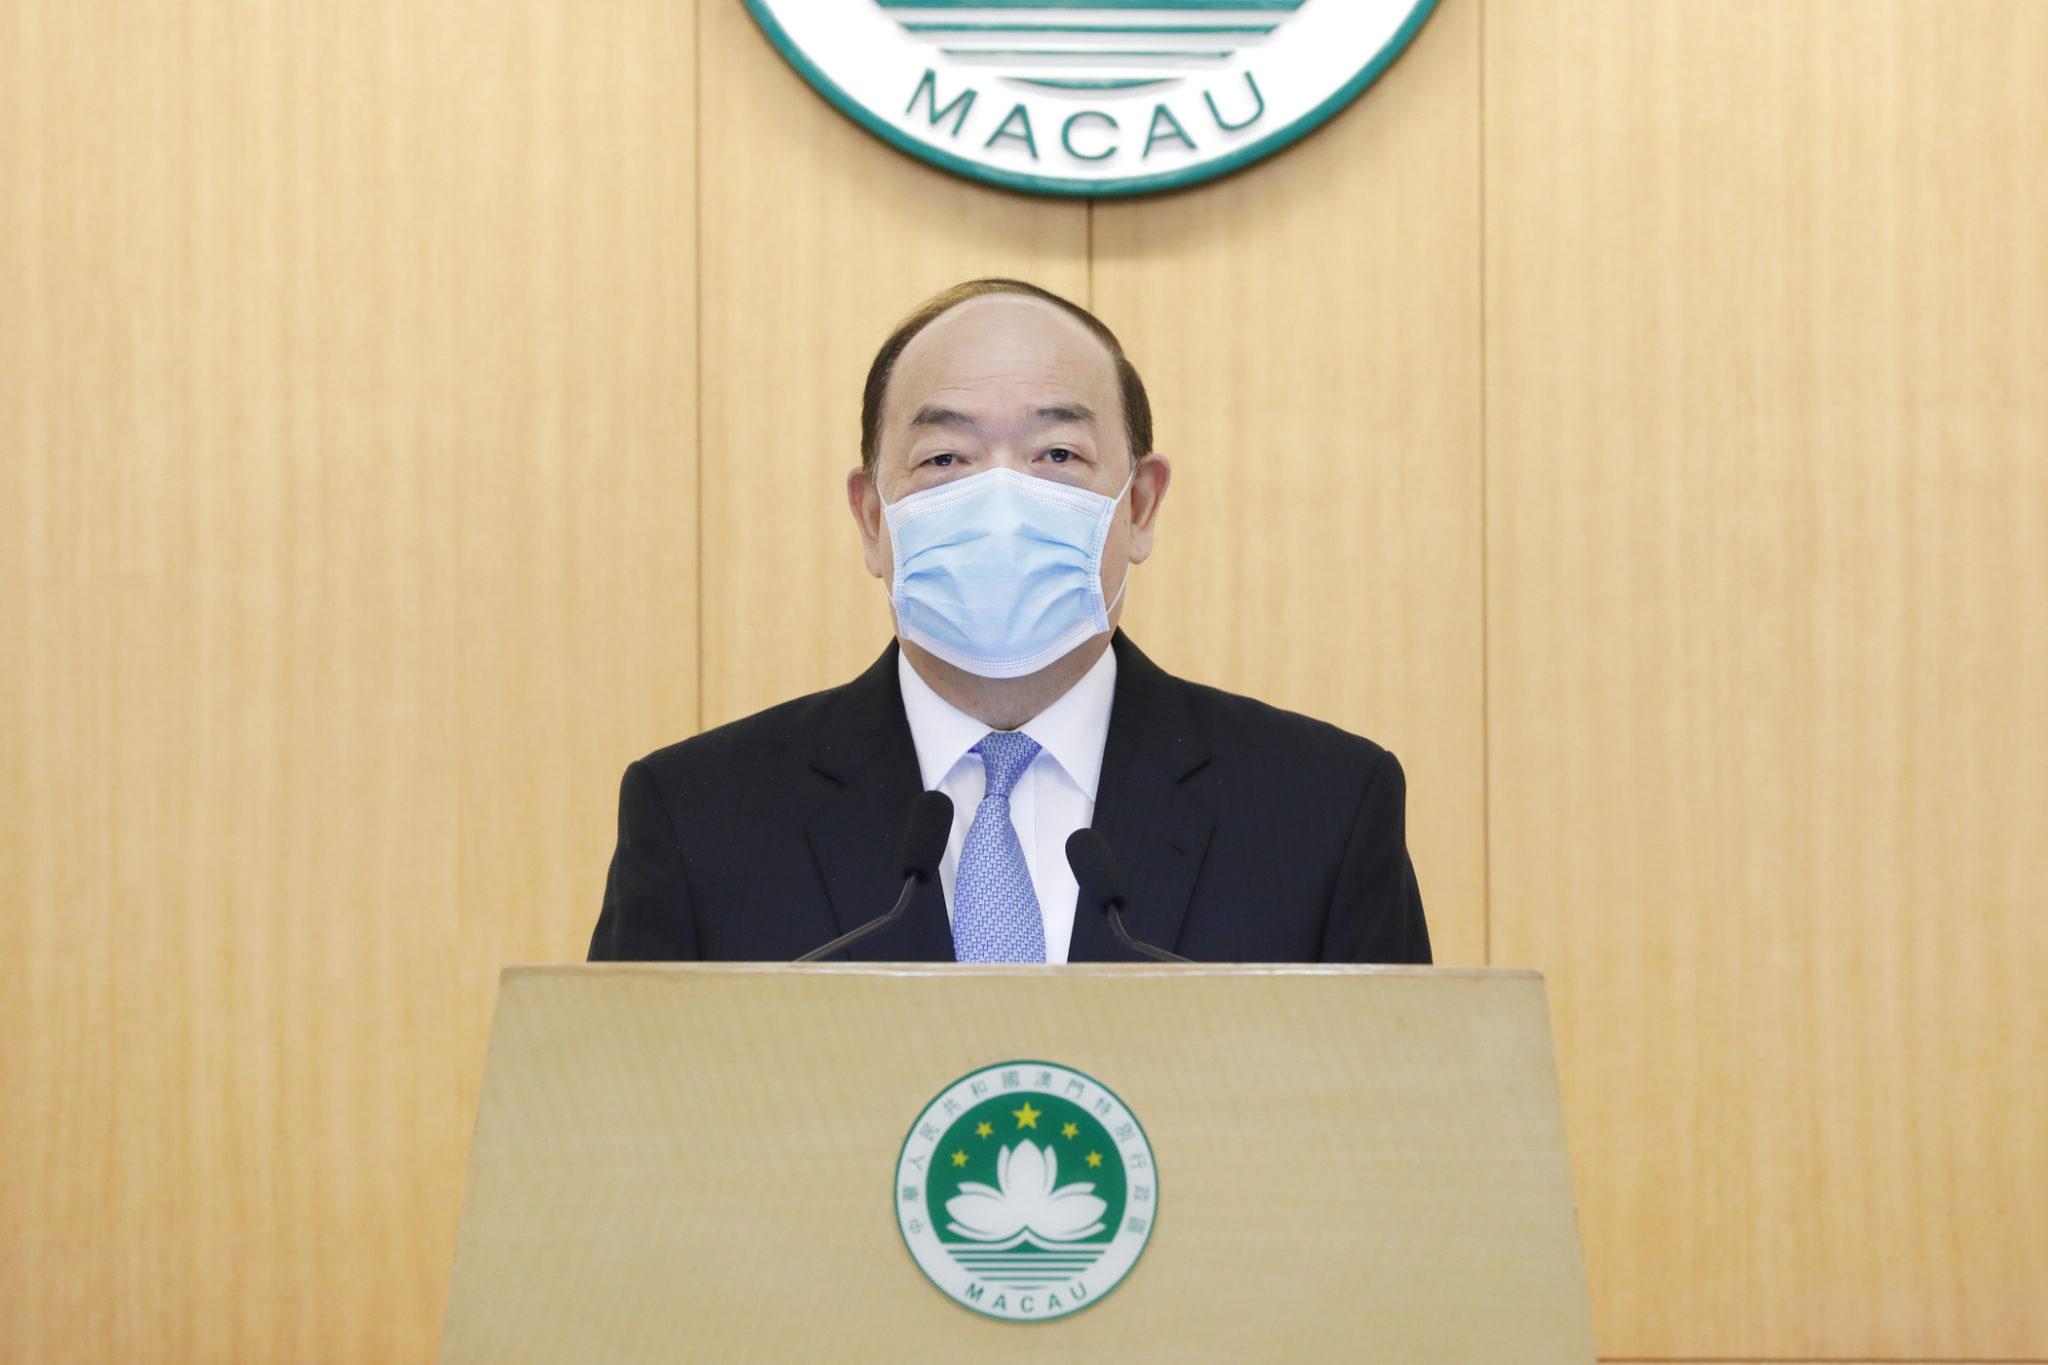 Economia | Macau continua a enfrentar pressão, disse Ho Iat Seng